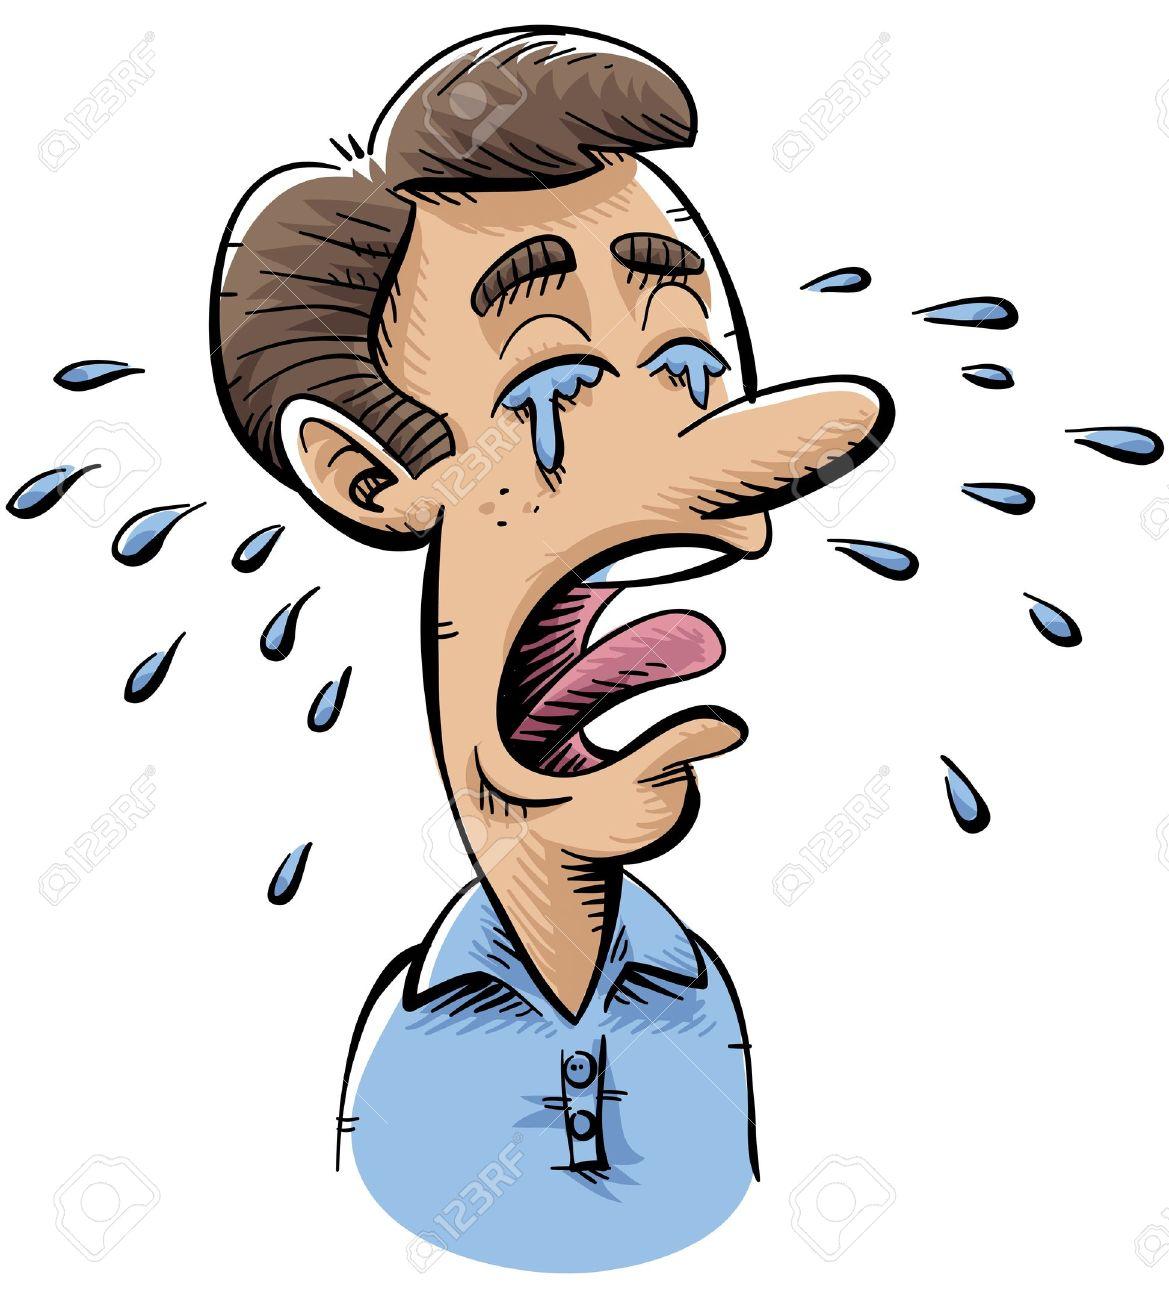 Cessons de nous plaindre ! Remercions plutôt Dieu pour Ses bienfaits ! - Page 35 16976869-Un-homme-de-dessin-anim-pleure-beaucoup-de-larmes--Banque-d%27images